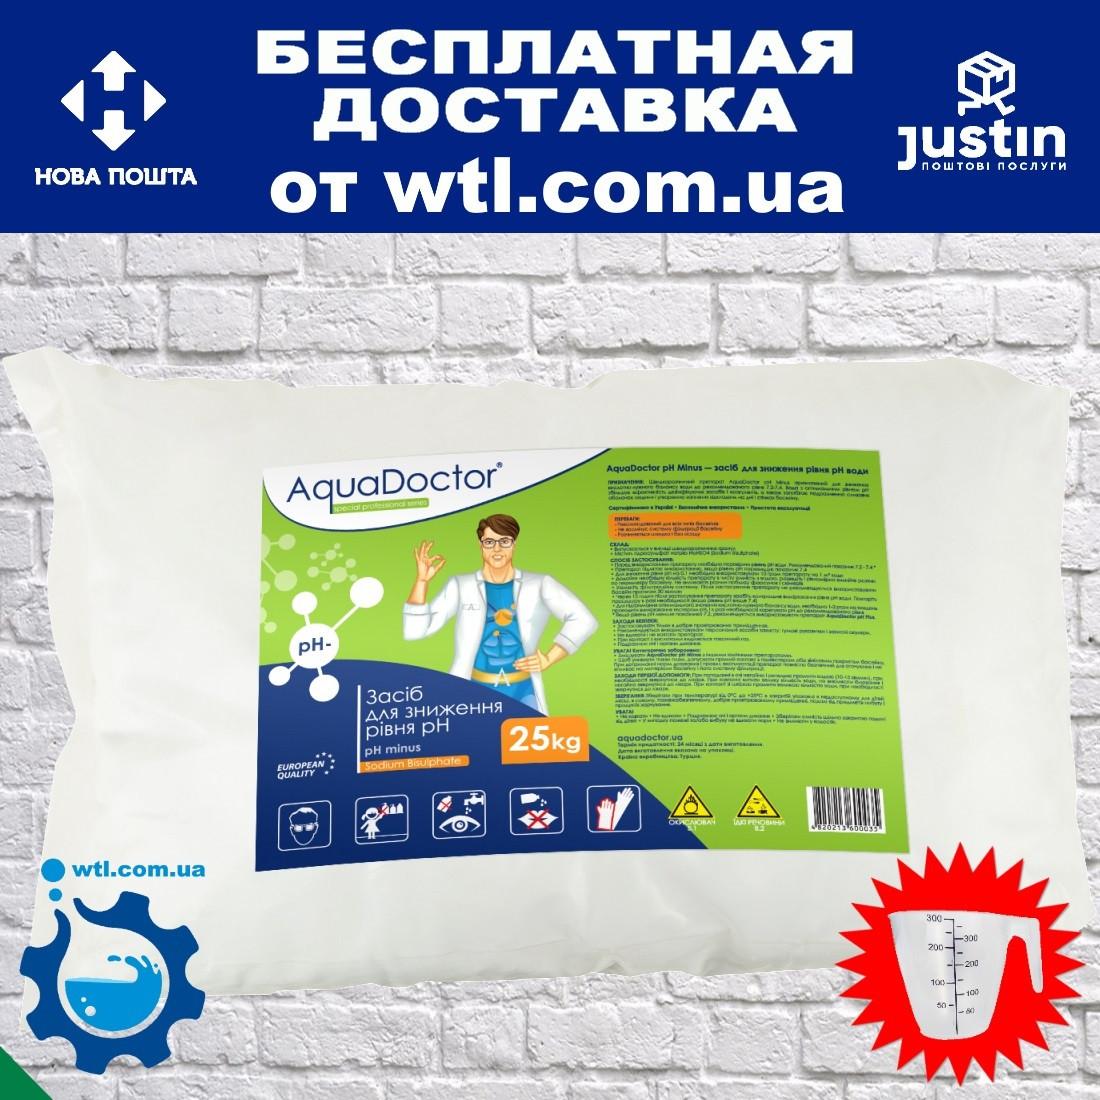 Средство для понижения уровня pH Aquadoctor pH Minus 25 кг (мешок) Аквадоктор в гранулах